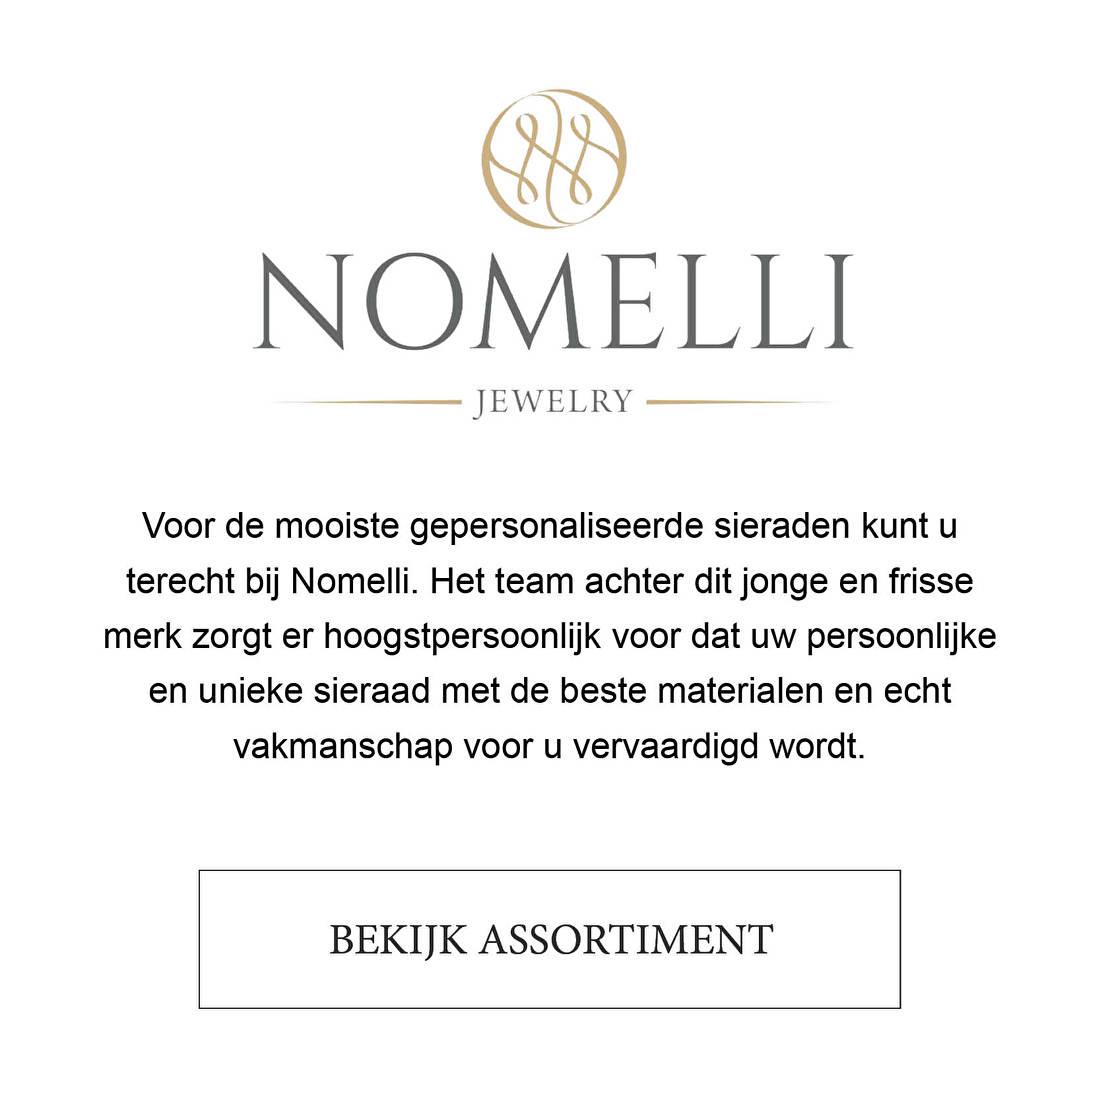 Voor de mooiste gepersonaliseerde sieraden kunt u terecht bij Nomelli. Het team achter dit jonge en frisse merk zorgt er hoogstpersoonlijk voor dat uw persoonlijke en unieke sieraad met de beste materialen en echt vakmanschap voor u vervaardigd wordt.